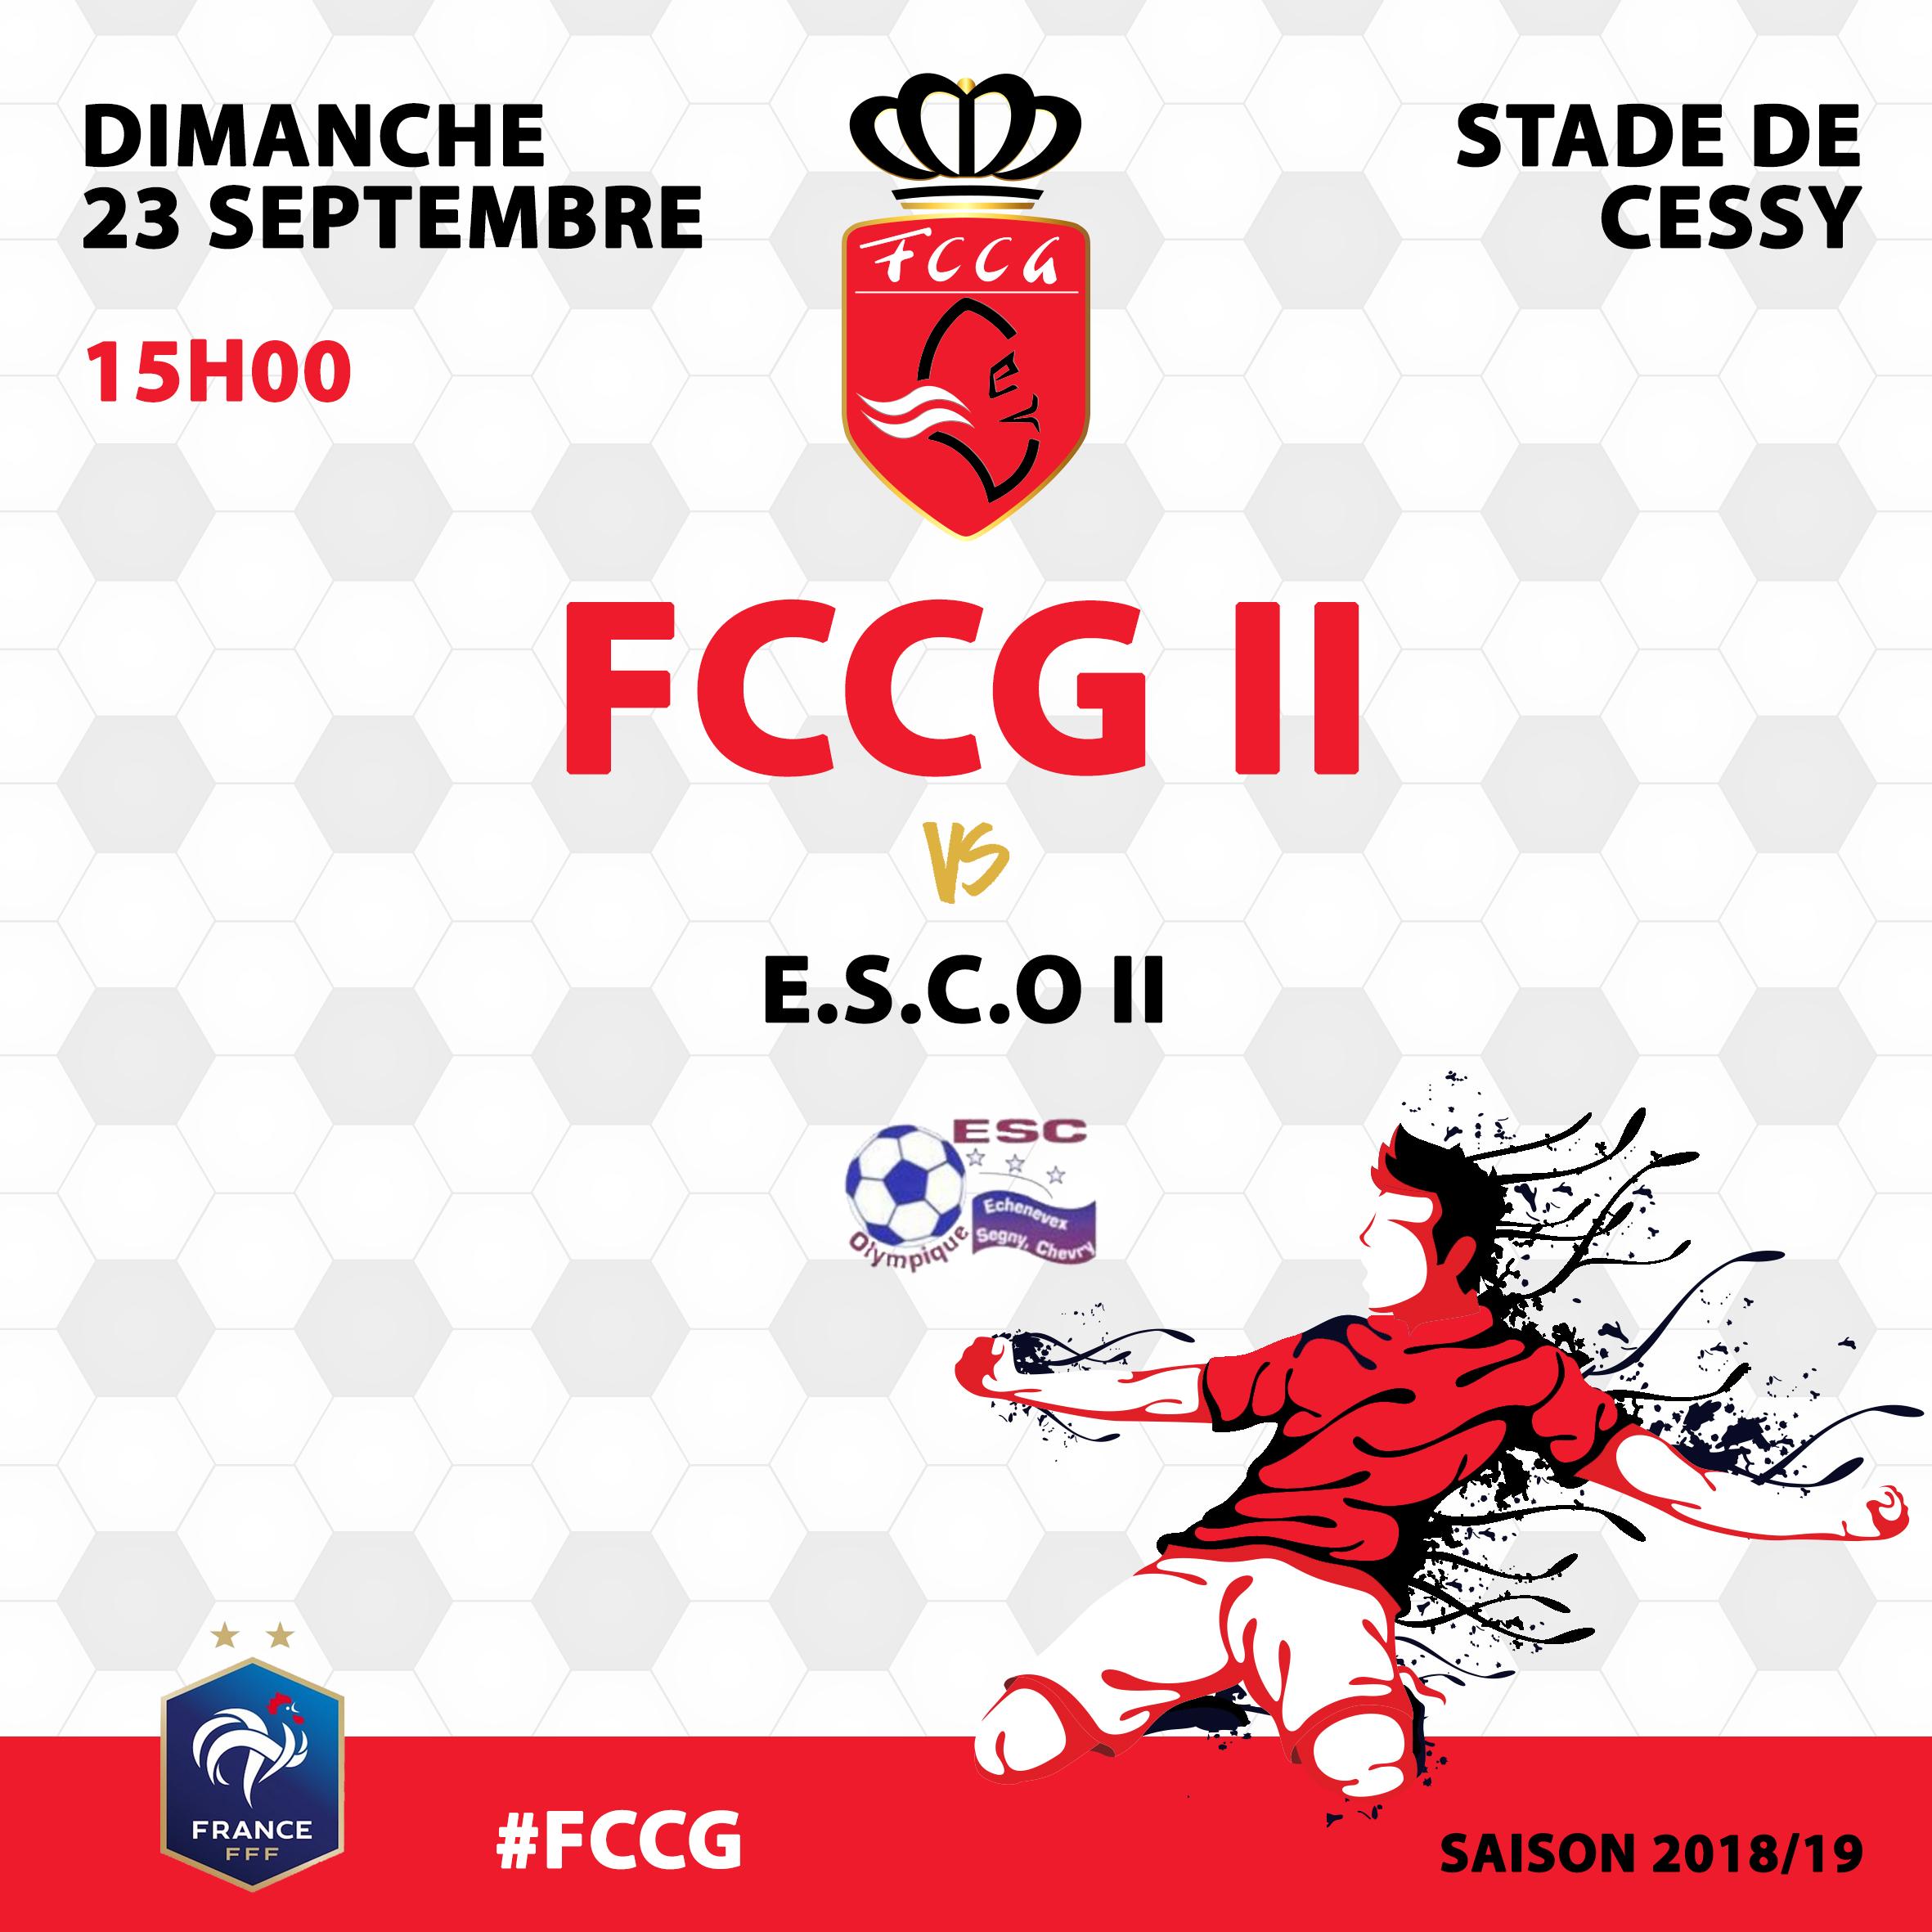 fccg 2 esco2